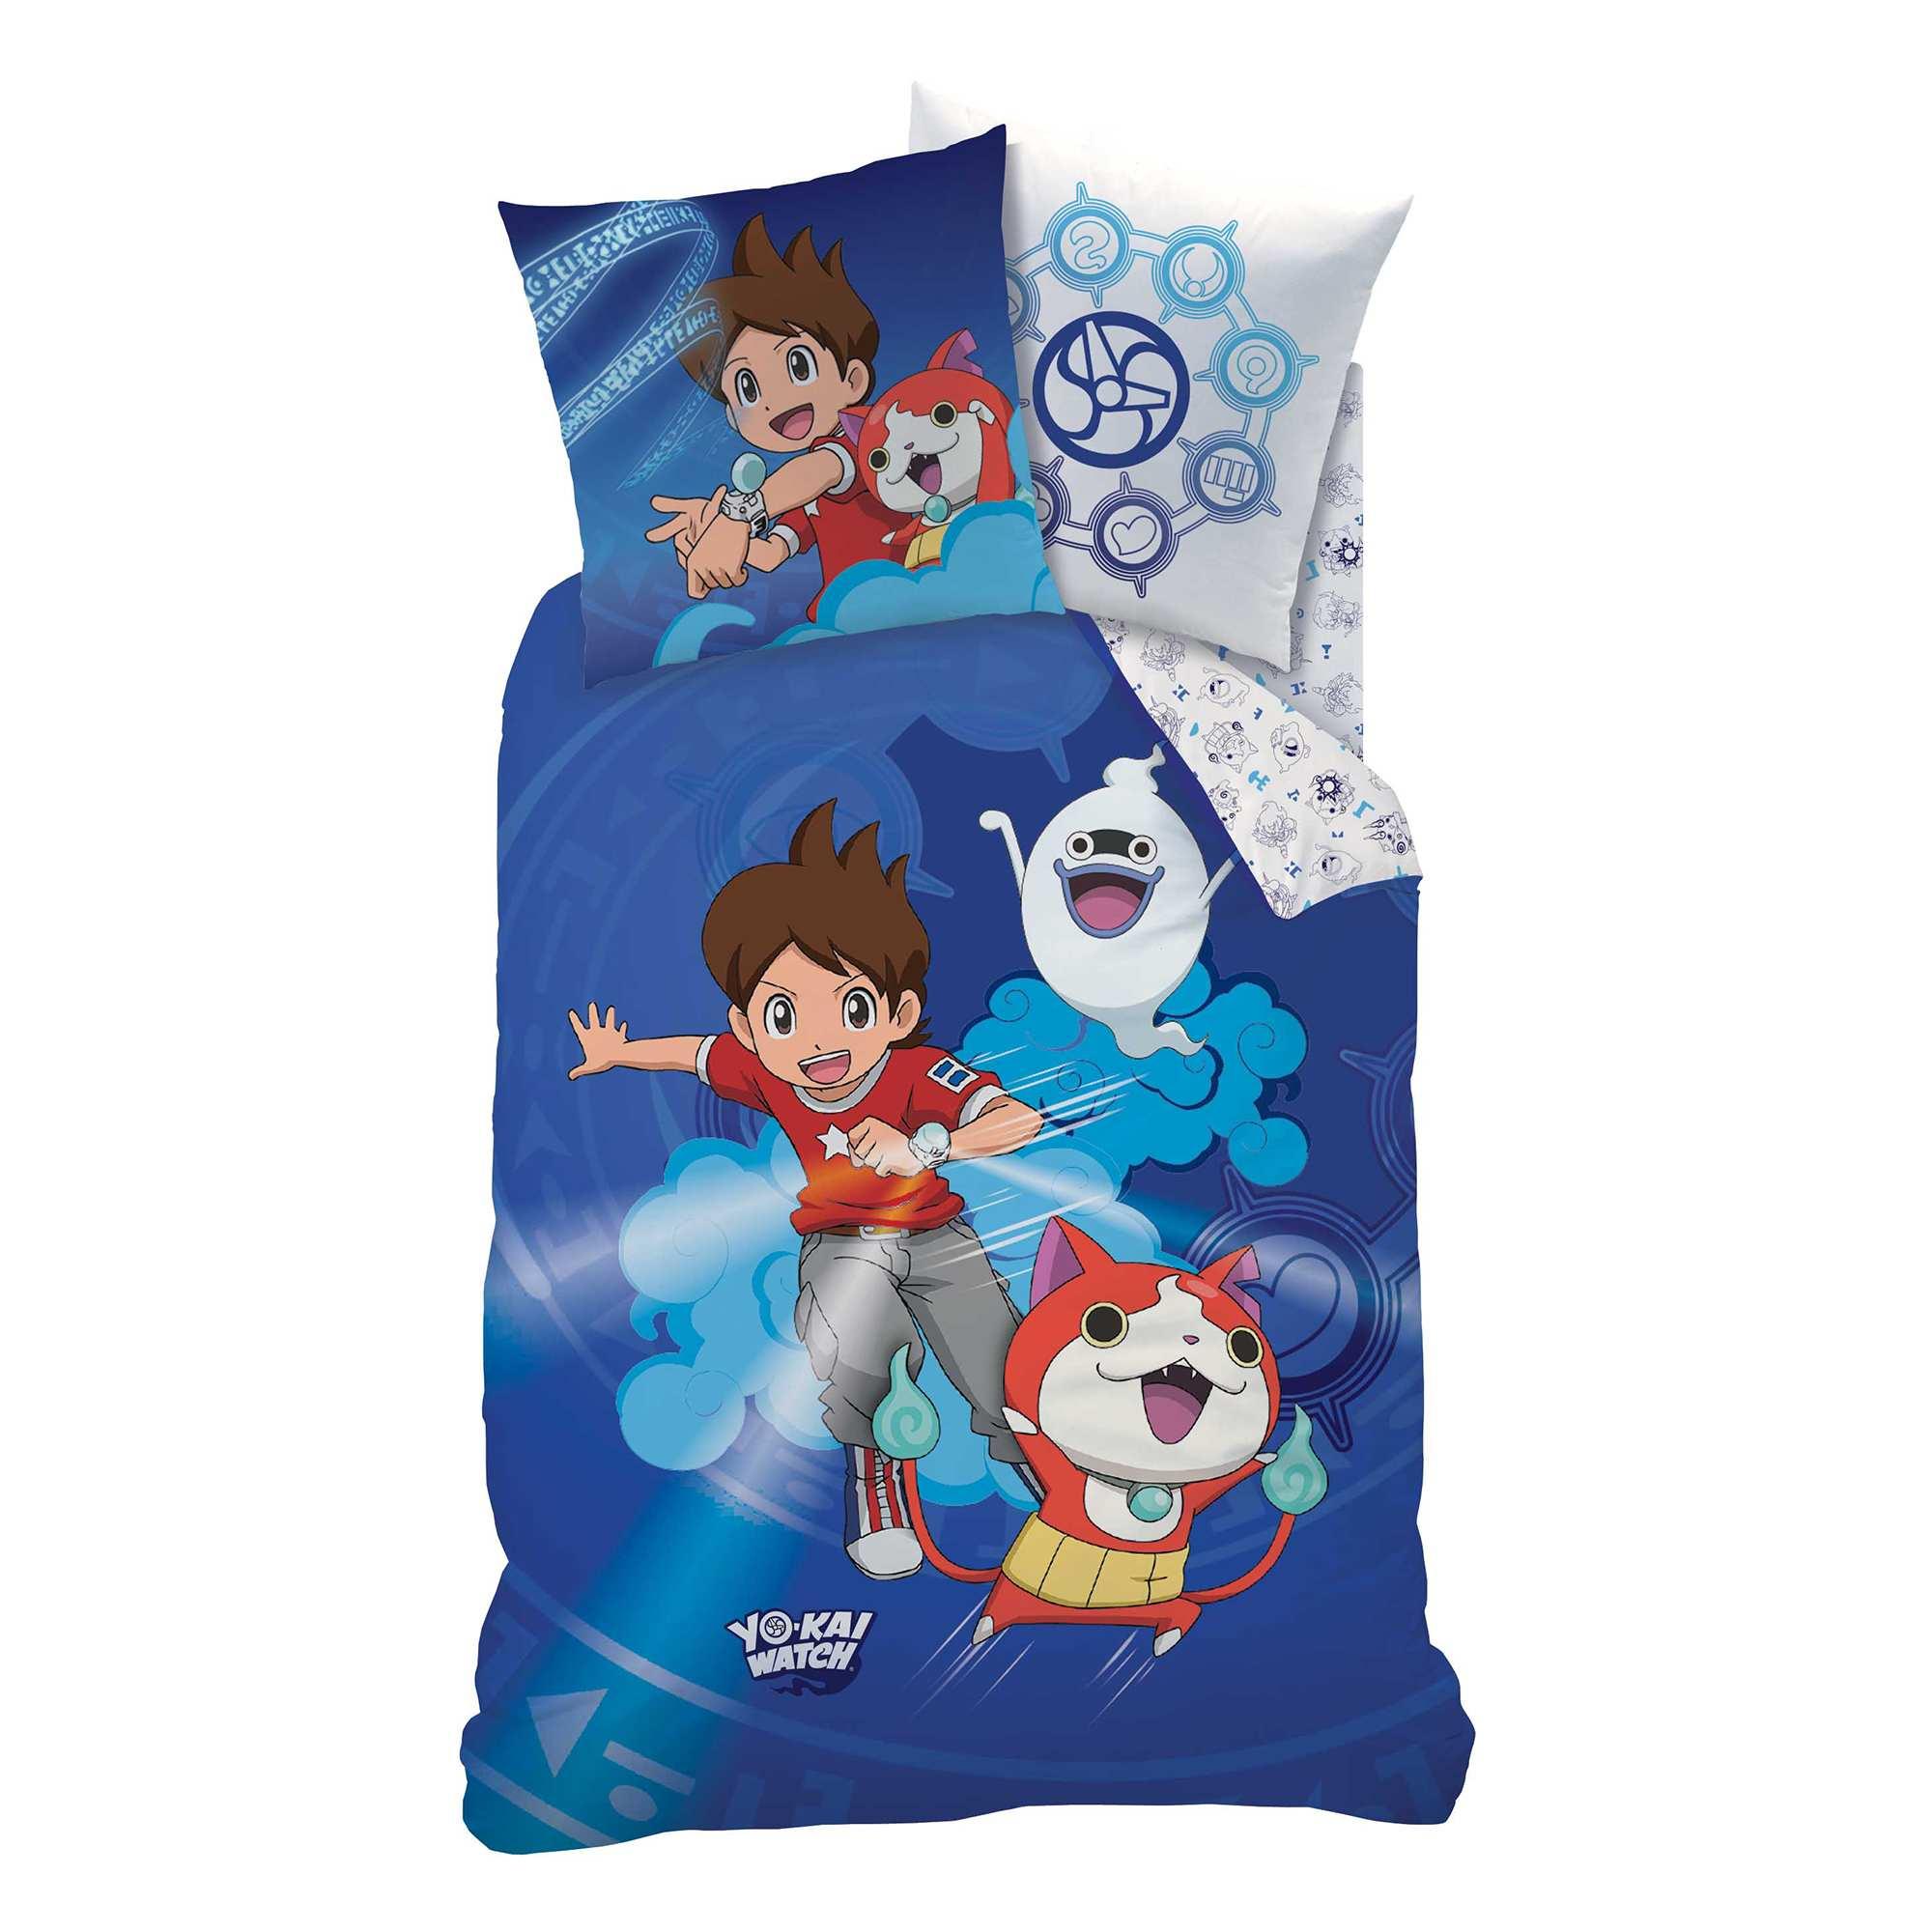 Juego de cama 39 yo kai watch 39 hogar azul kiabi 35 00 for Chambre yo kai watch